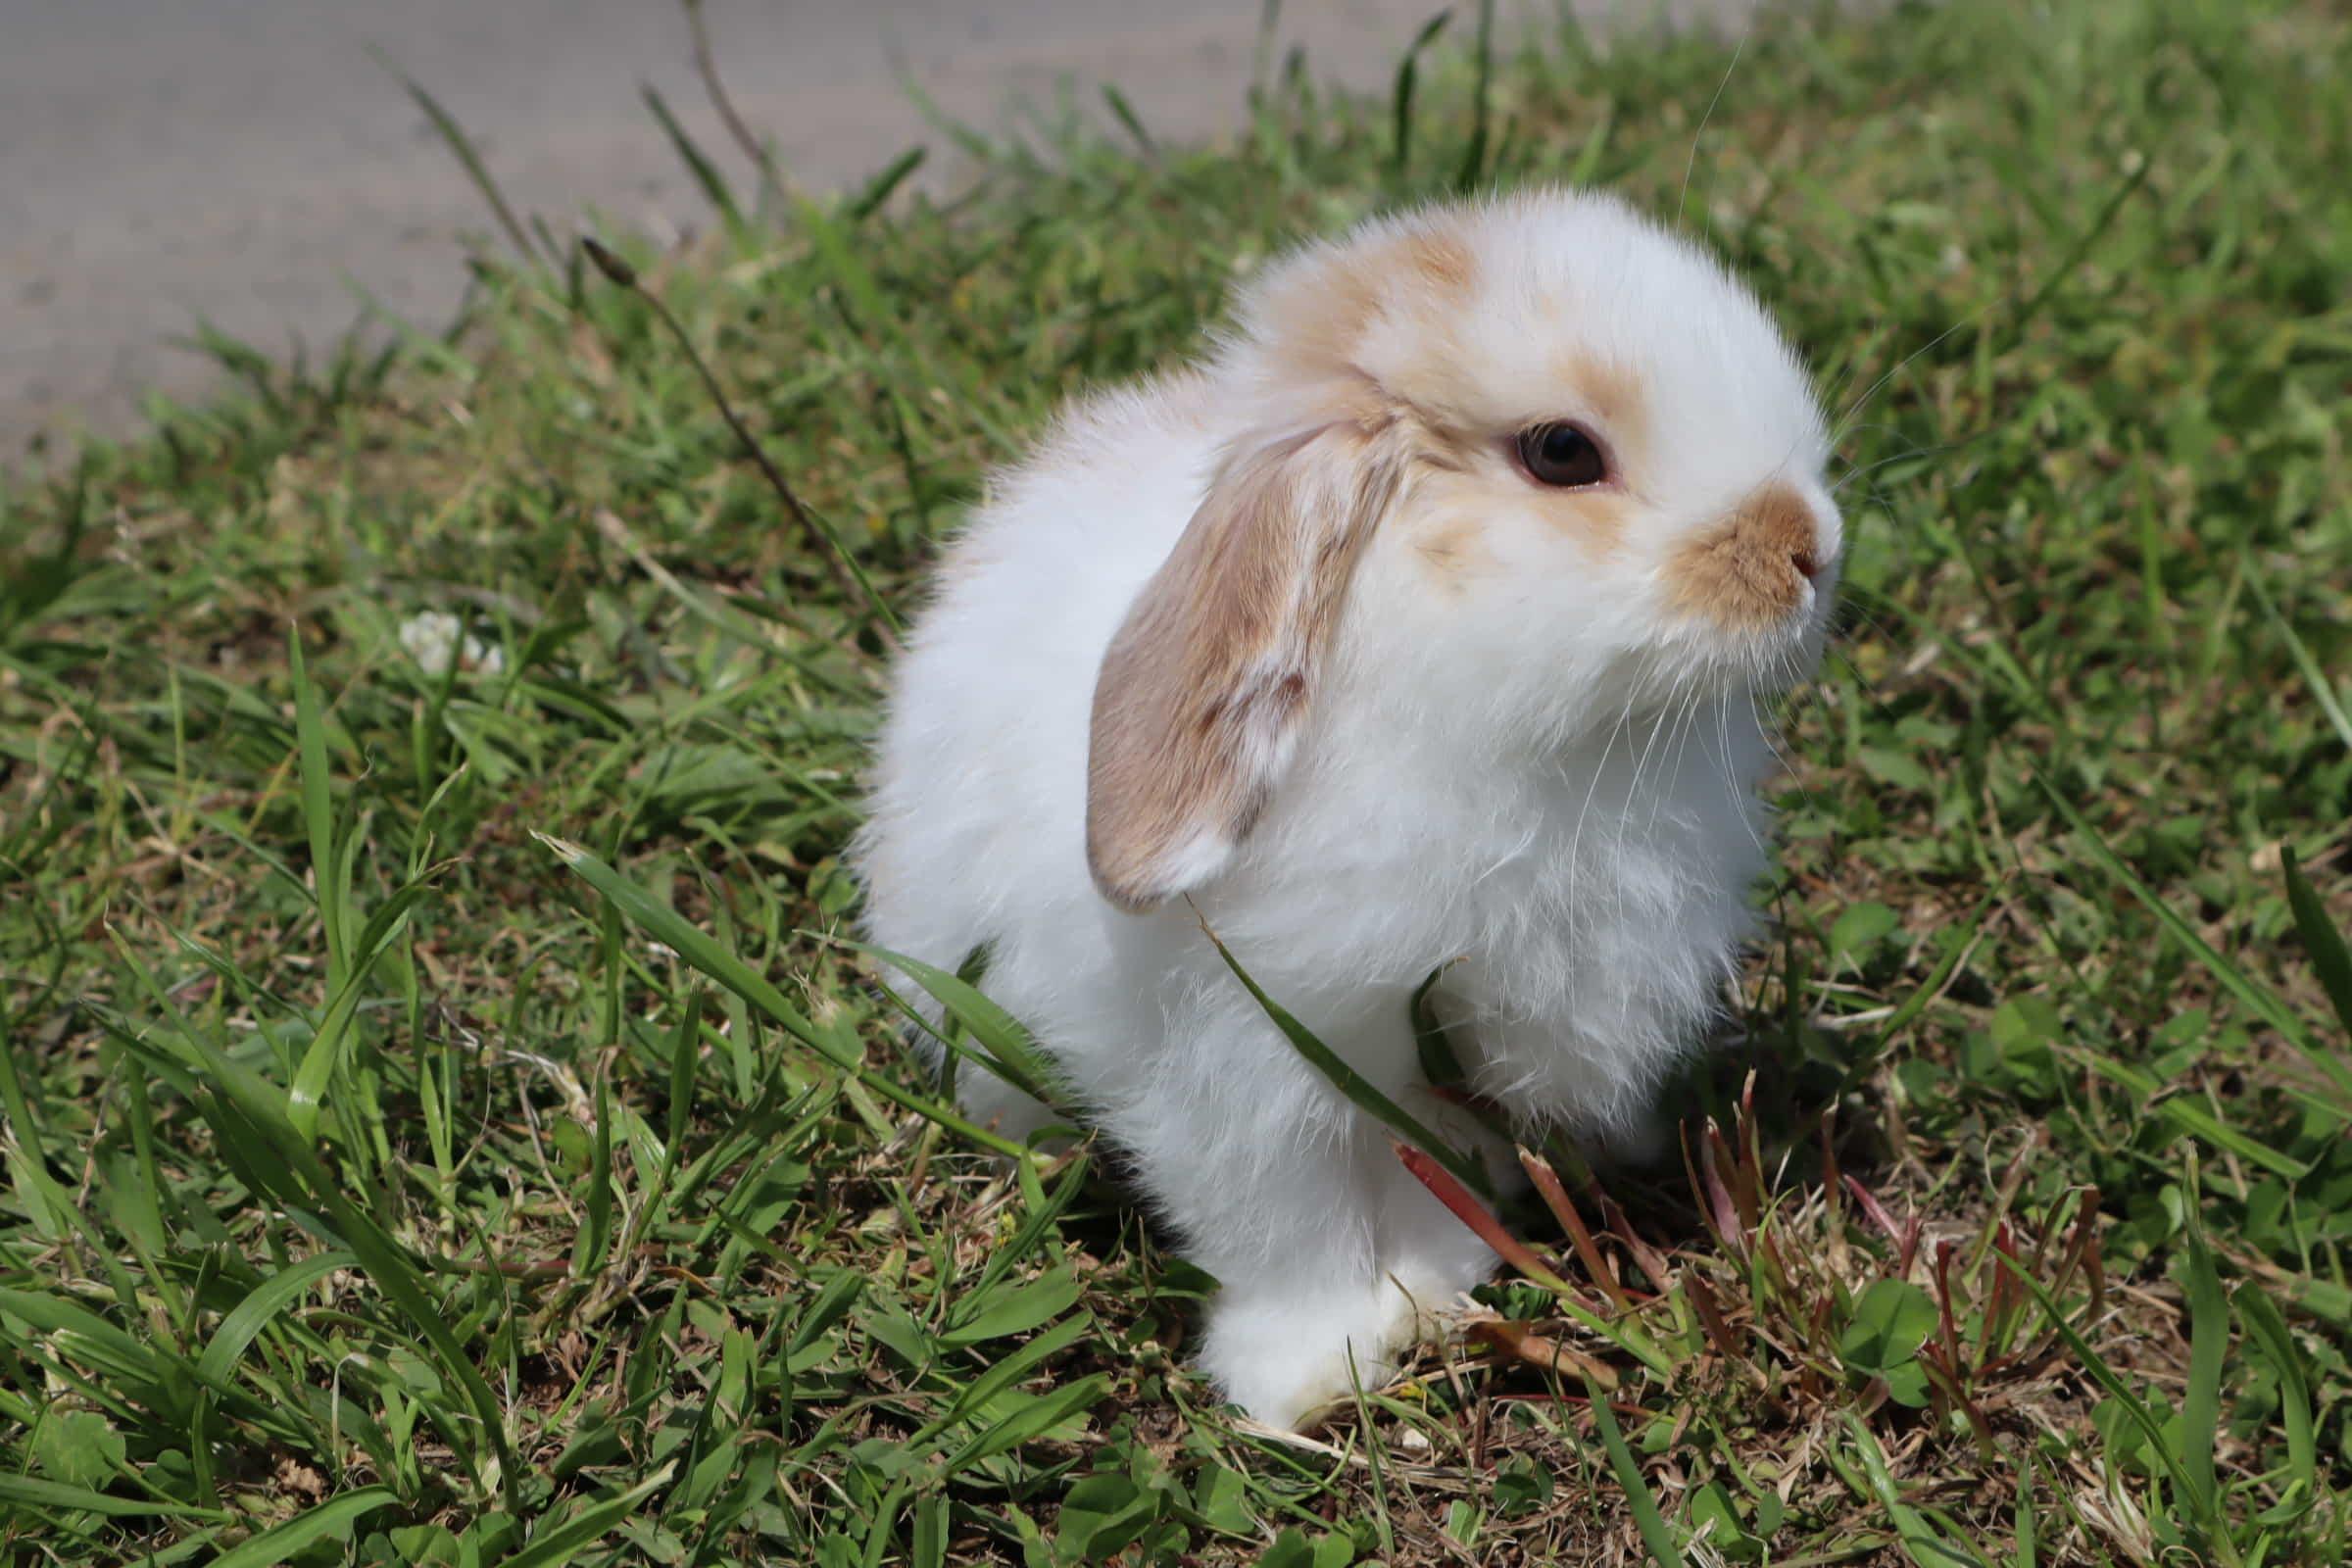 ウサギの名付けに悩んだら?お困り解決♪最新のおすすめ名前ランキング!ウサギは自分の名前を覚える?